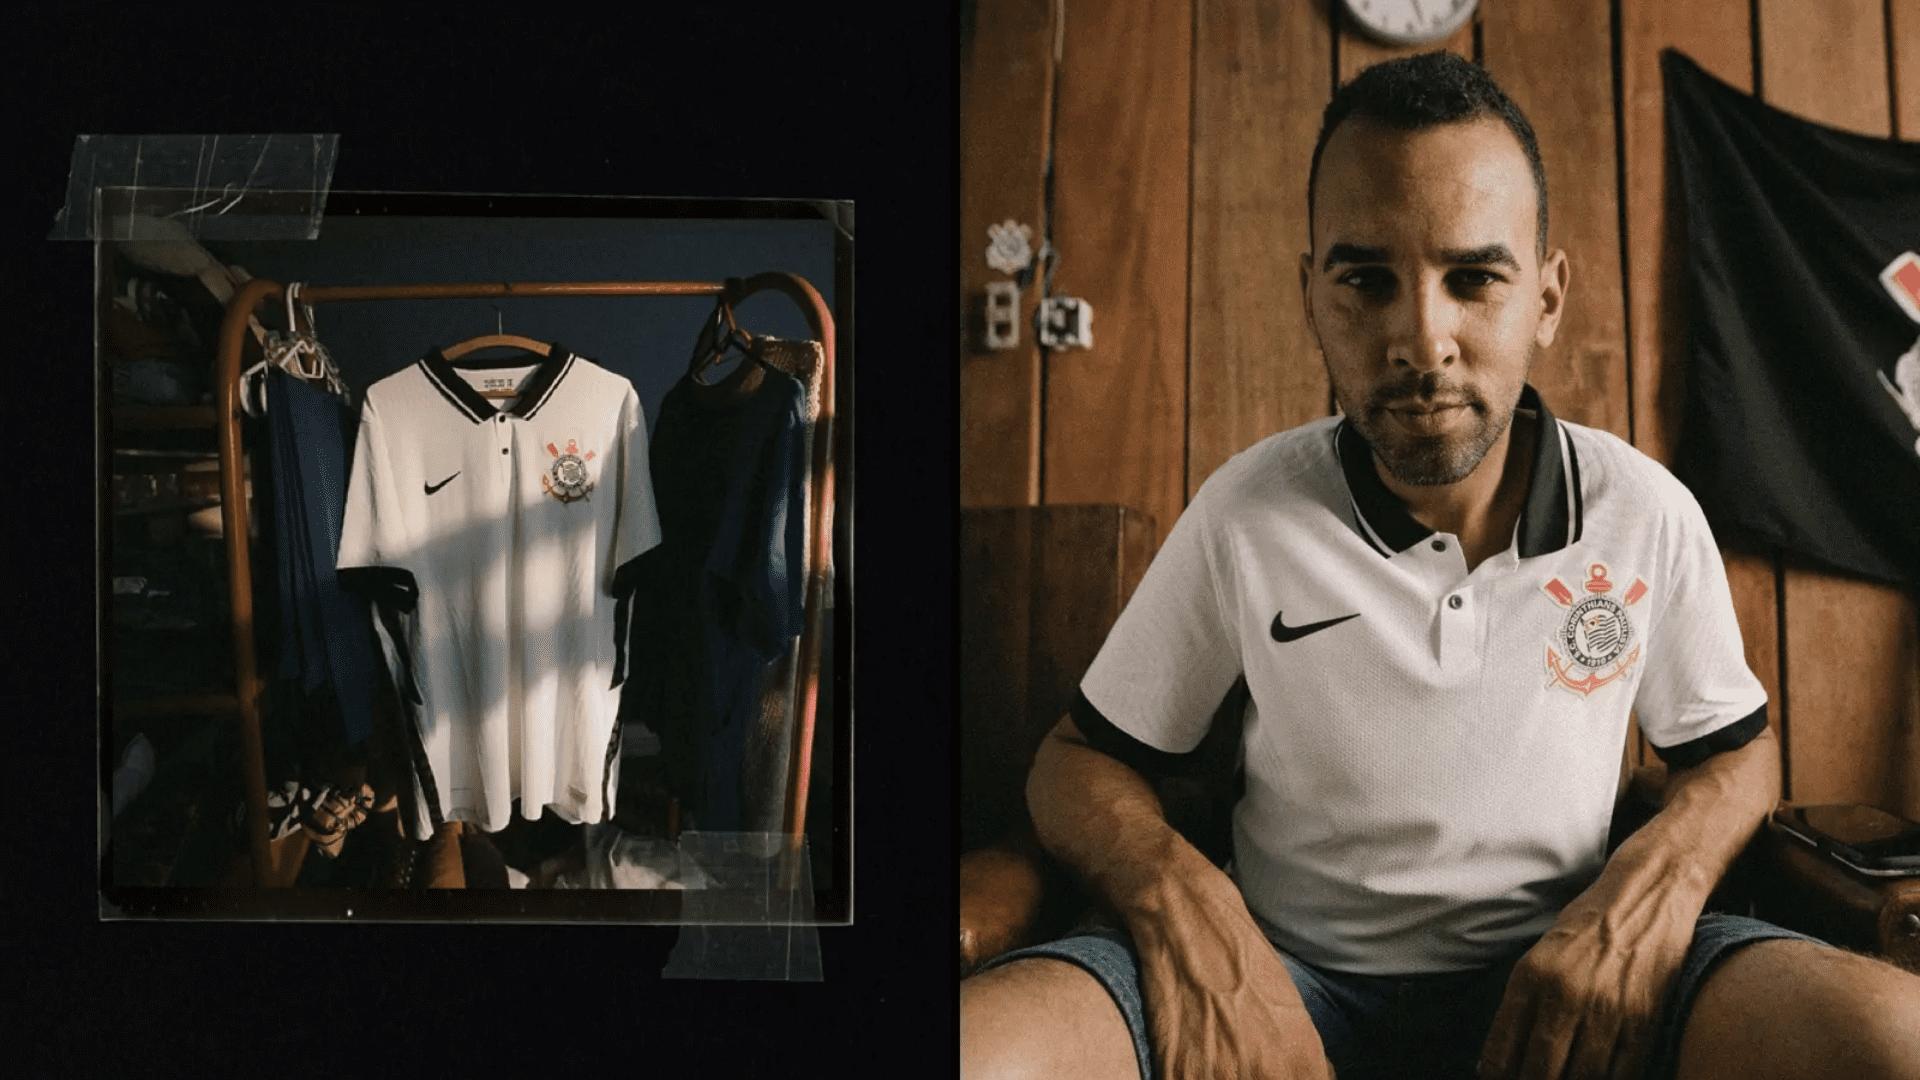 Conheça os modelos de camisa do Corinthians para comprar em 2021! (Imagem: Divulgação/Nike)